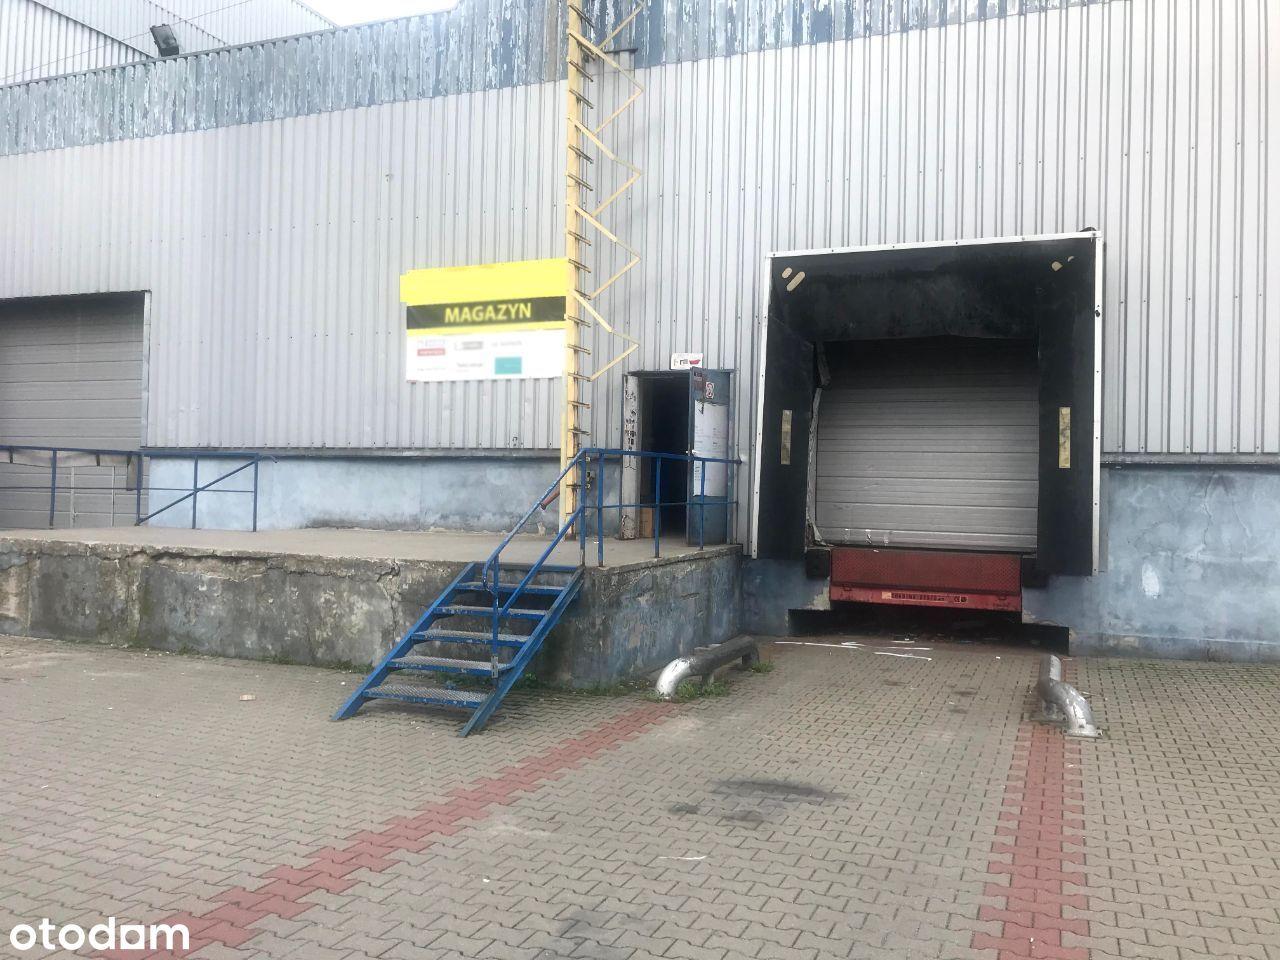 2 Magazyny 100 m2 – Jagiellońska